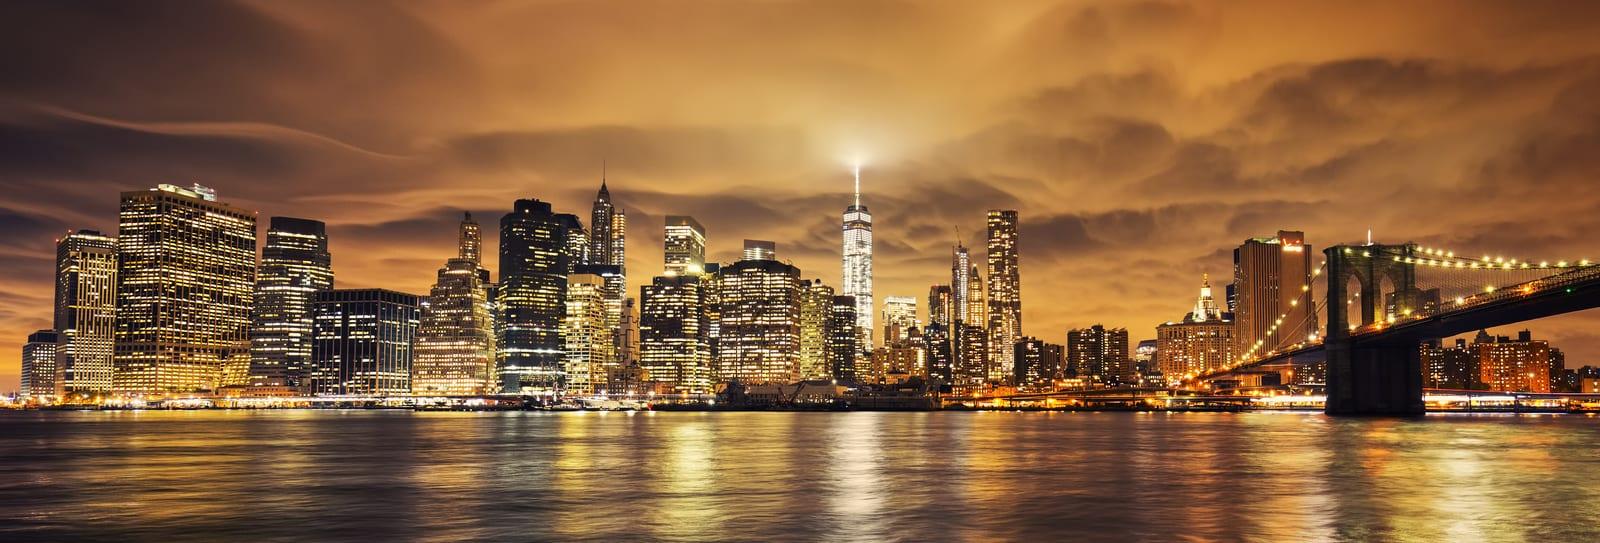 Sugar Hill (Central Harlem) Manhattan, NY Private Investigator